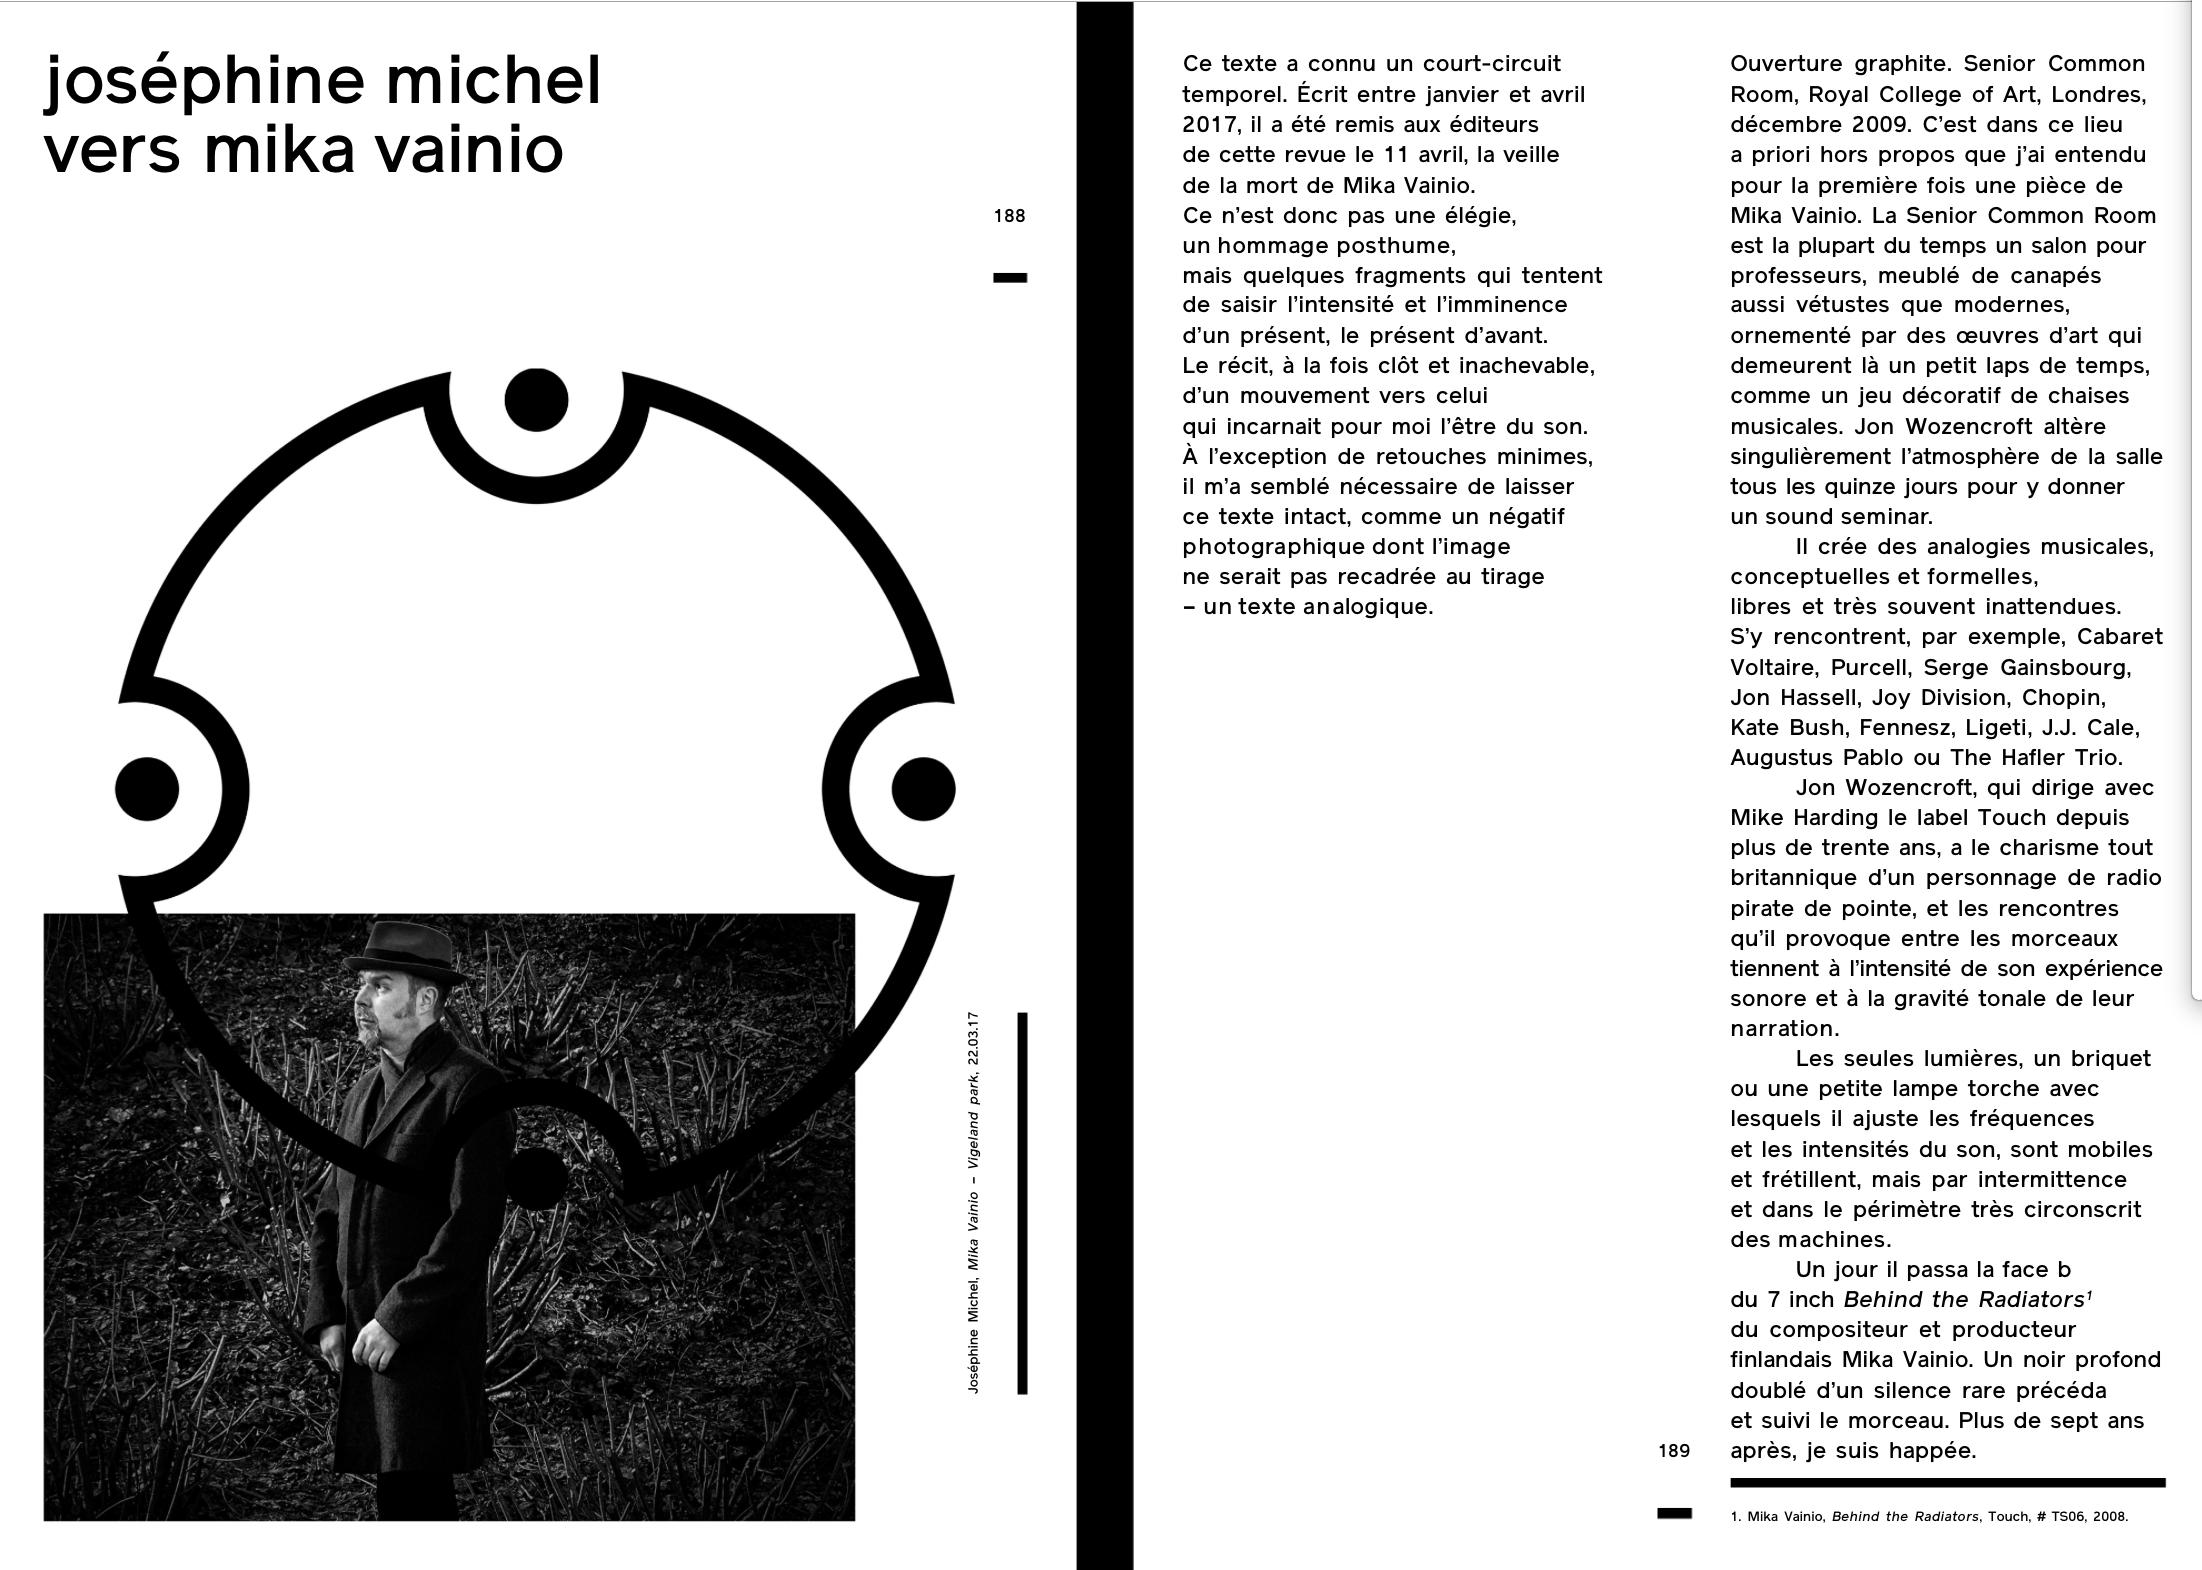 OPTICALSOUND NUMÉRO CINQ    COLLECTIF ART & MUSIQUE AUTOMNE 2017.    VERSION PAPIER ISBN 979-10-96749-05-8  WWW.OPTICAL-SOUND.COM